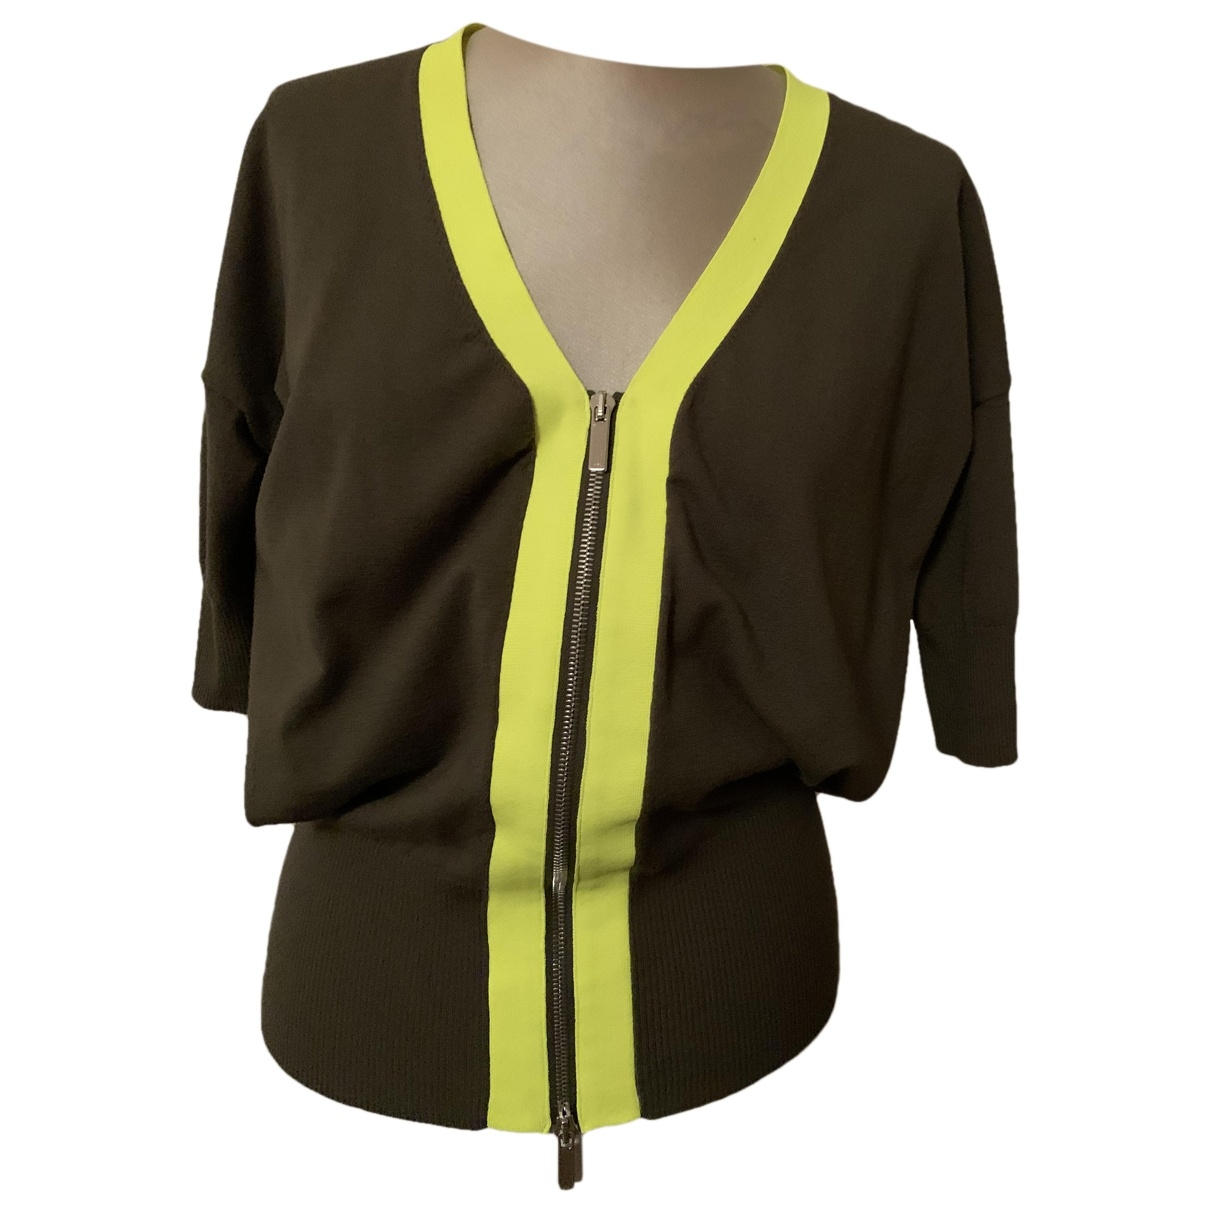 Karen Millen \N Khaki Knitwear for Women 1 US